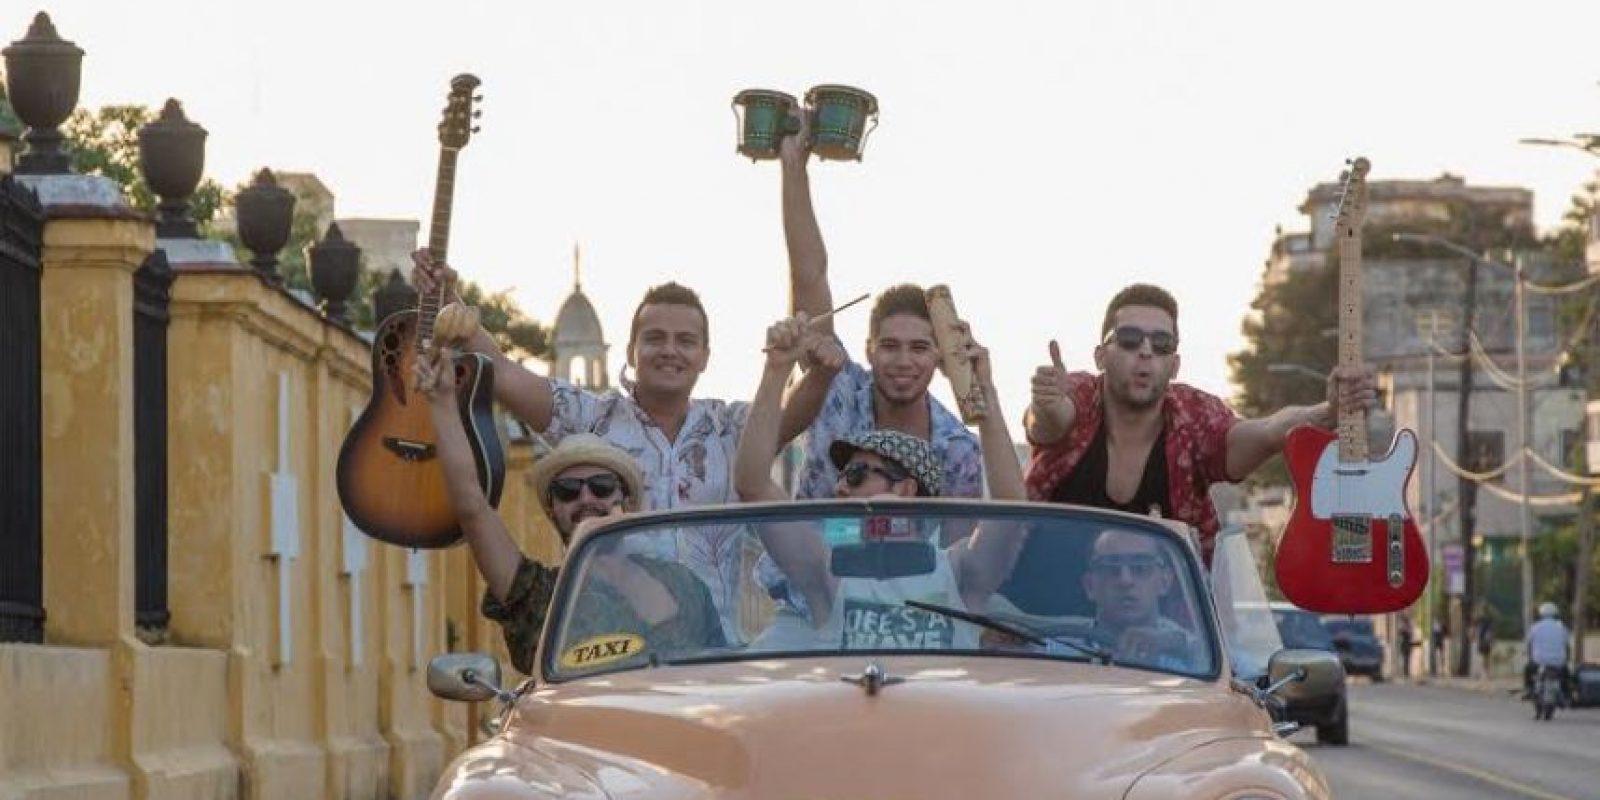 Un espectáculo de experimentaciones entre las músicas autóctonas colombianas y géneros alternativos como el rock, el reggae y la salsa en la Casa Teatro El Poblado. Foto:Cortesía Casa Teatro El Poblado.